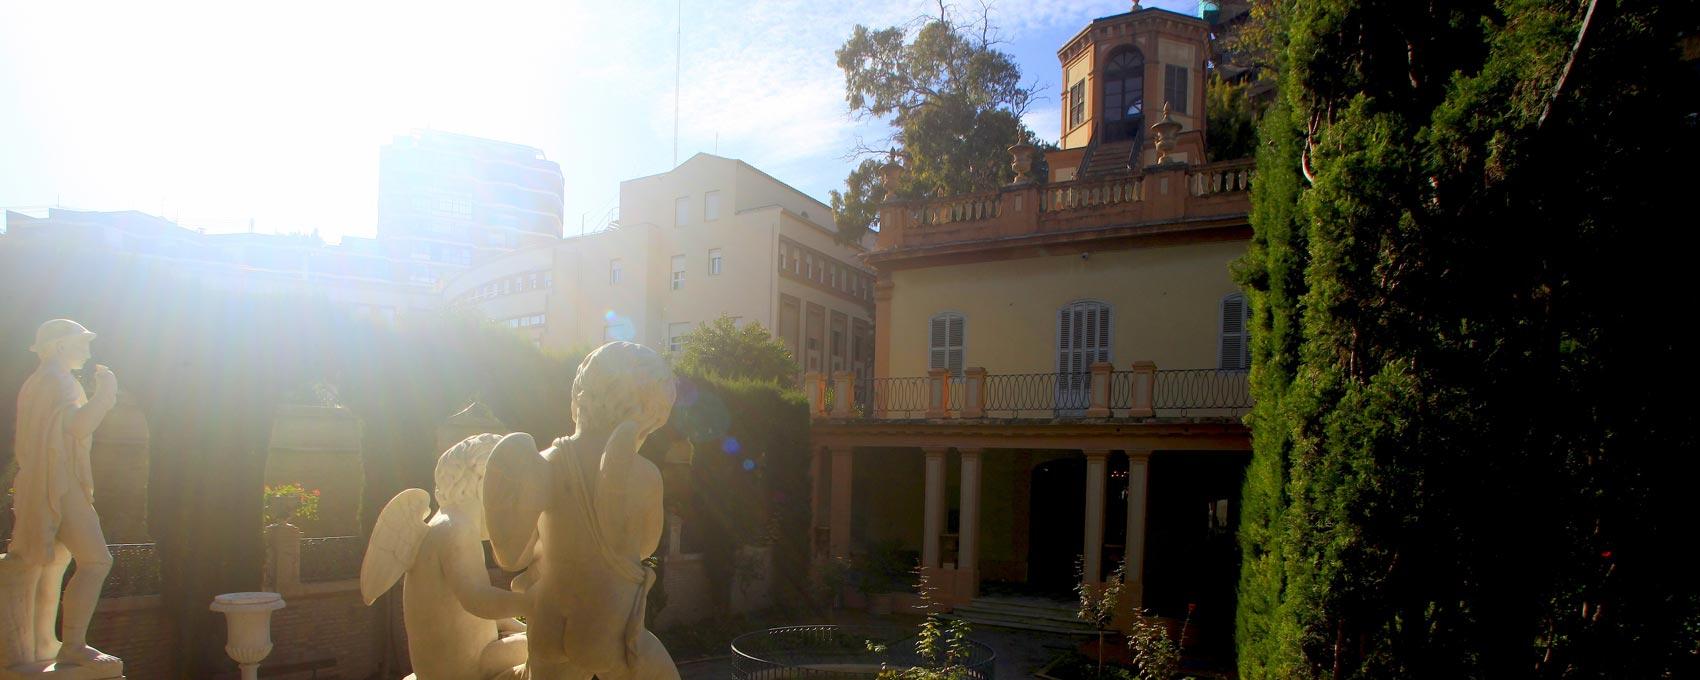 La construcción es de 1859 y su arquitecto fue Sebastián Monelón Estelles. En 1990 fue restaurado por el Ayuntamiento de Valencia.